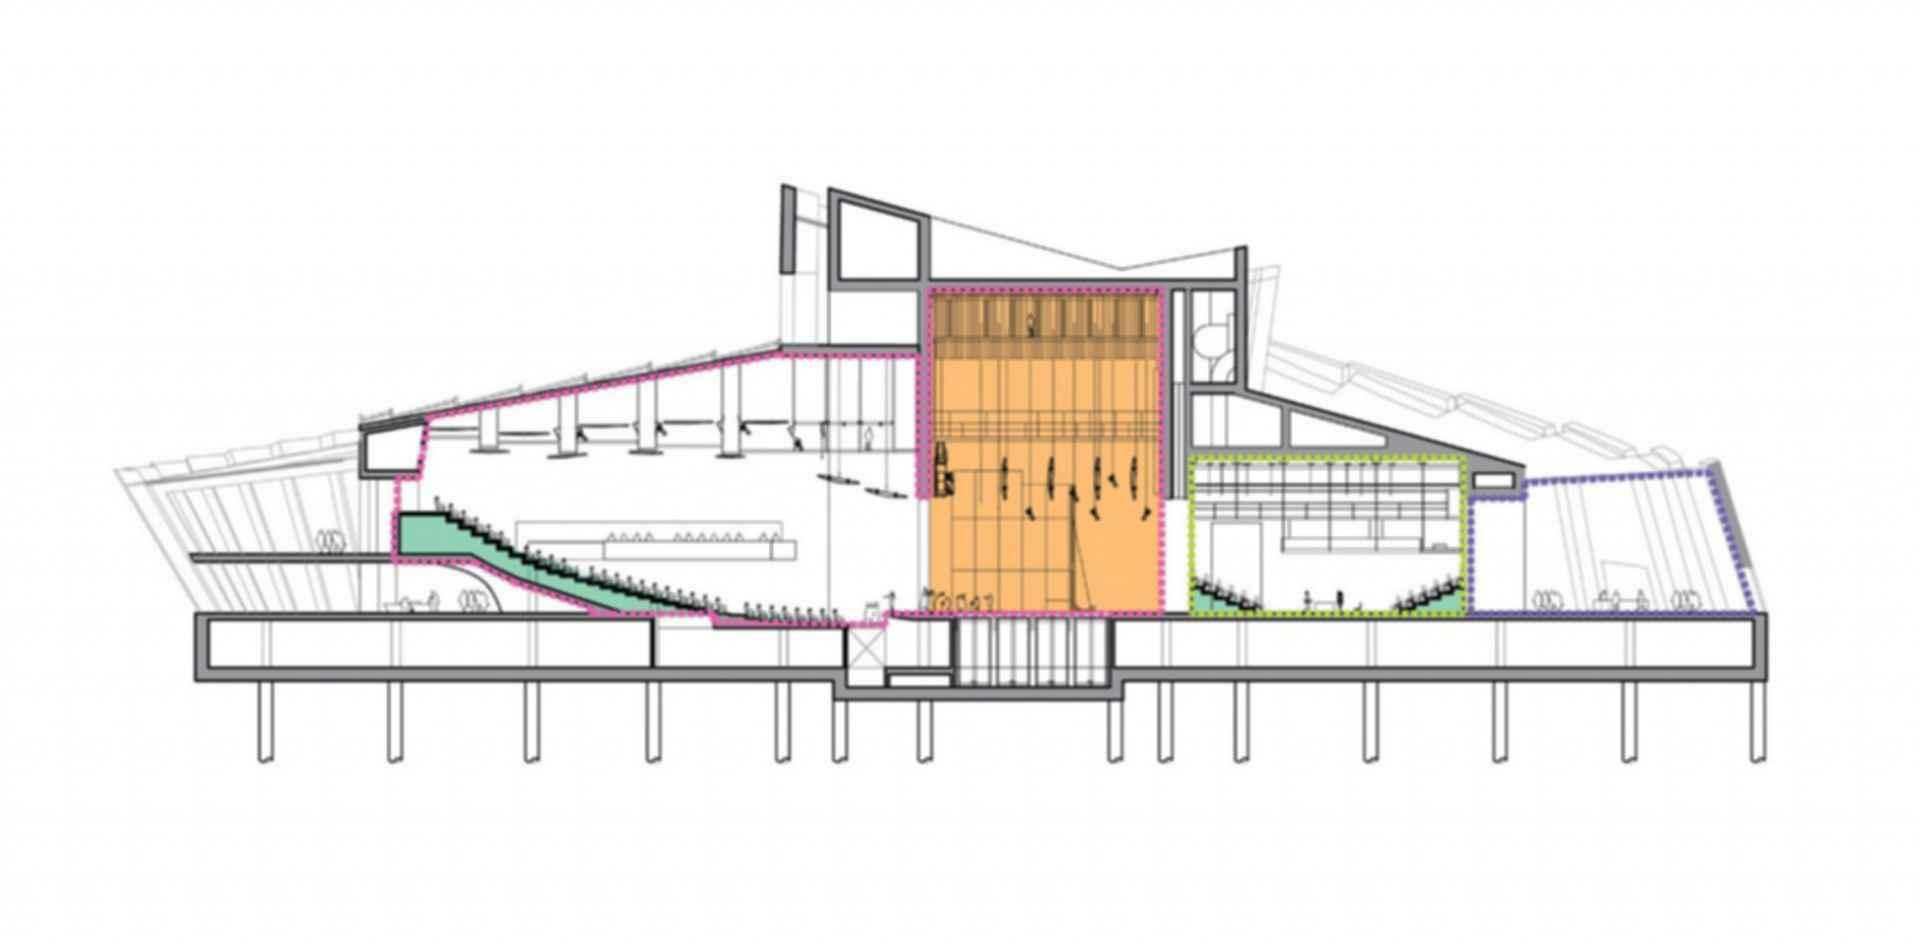 Wuzhen Theater - design